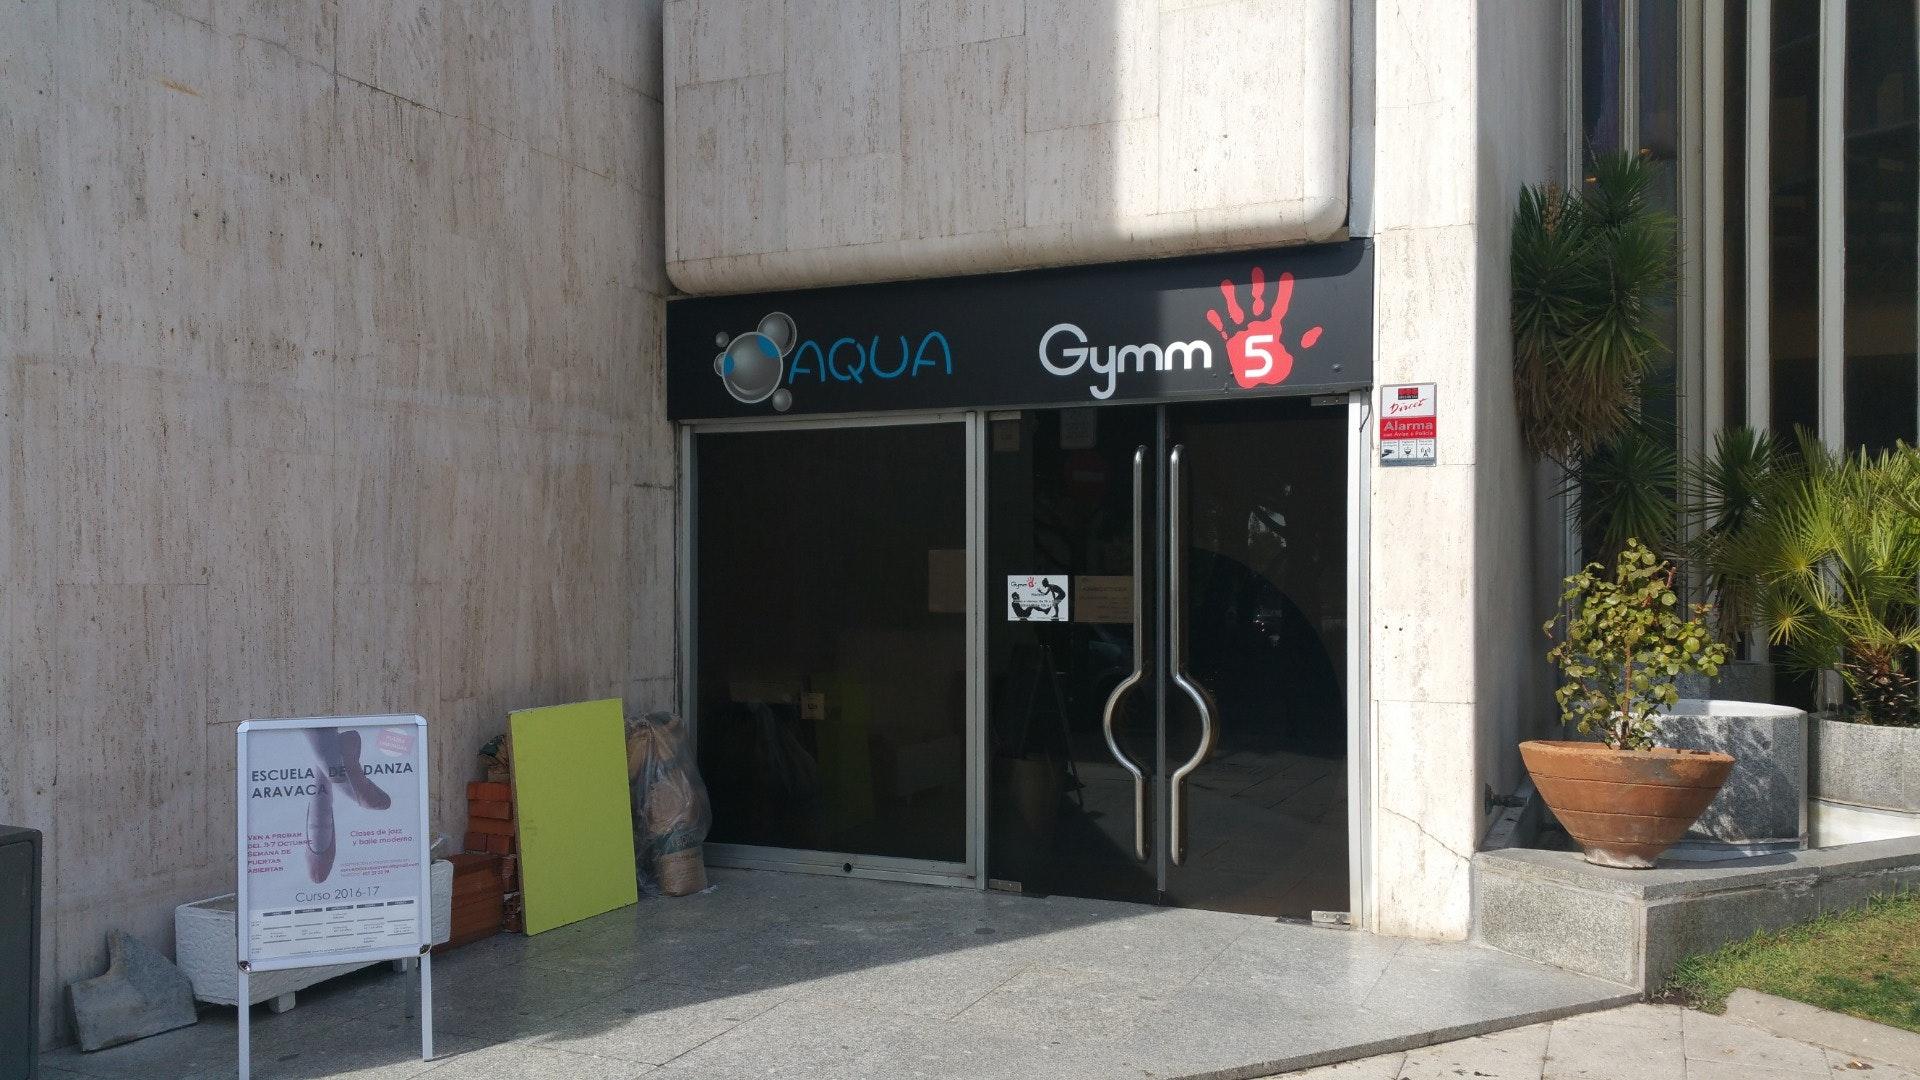 GYMM 5